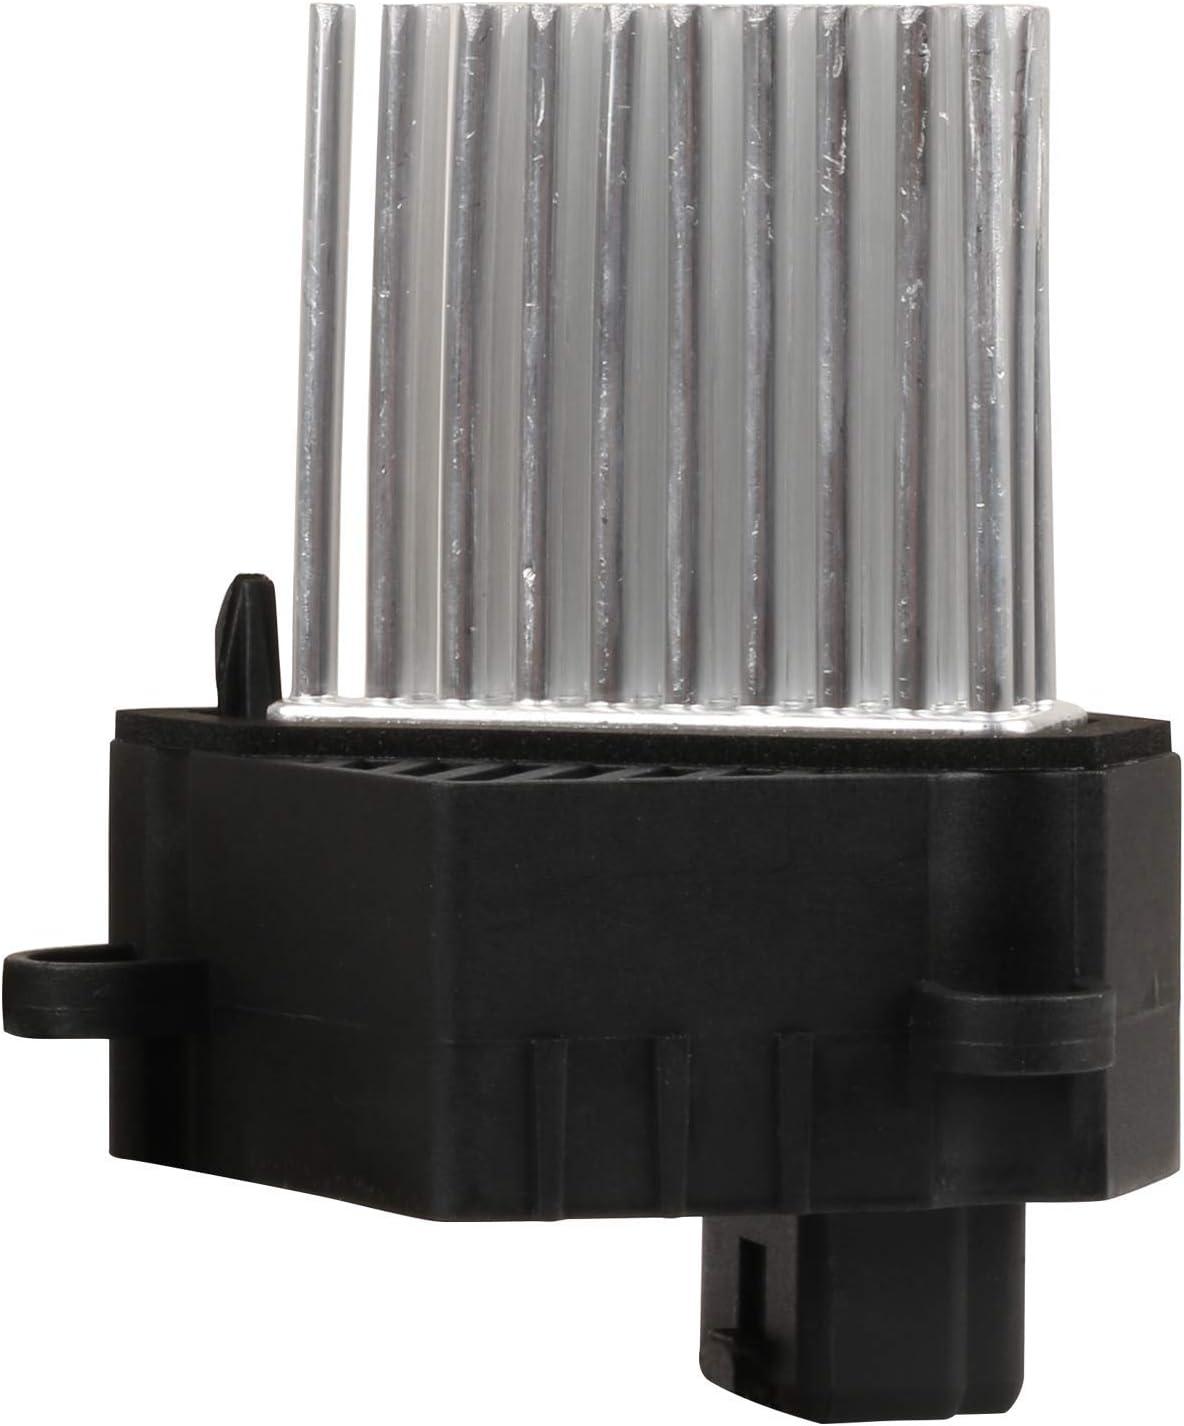 Resistencia para ventilador de la unidad final de escenario/FSU/calentador 64116929540